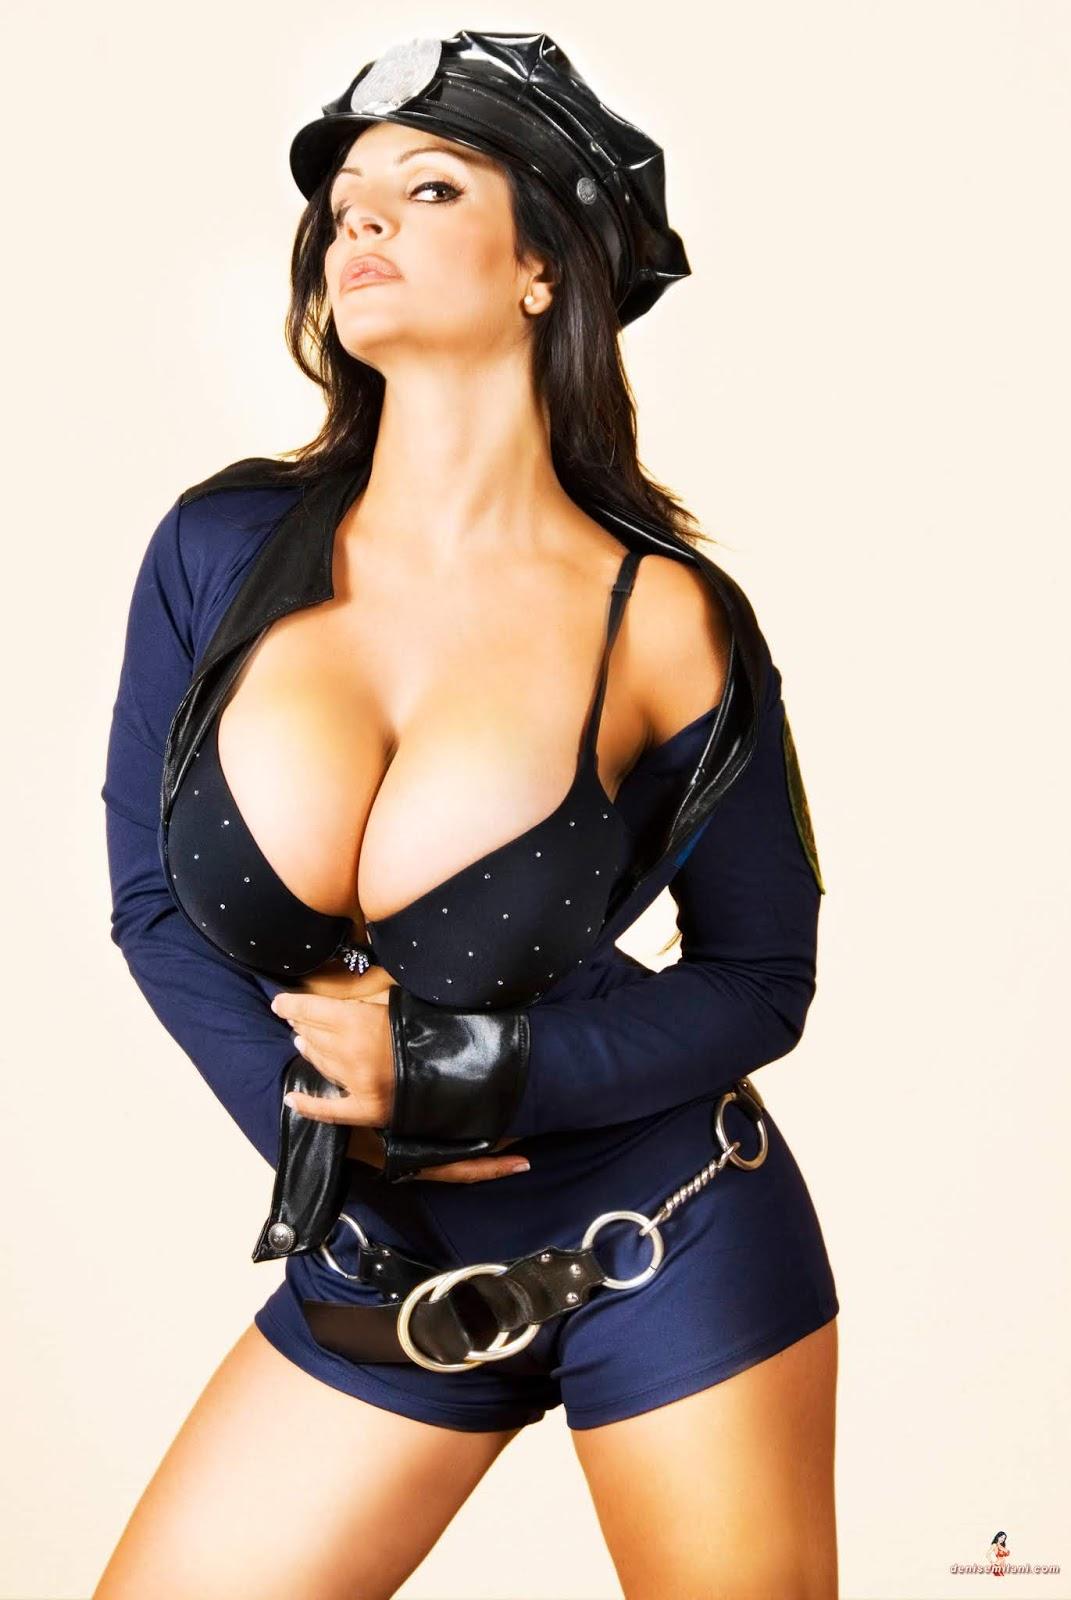 Женщина-полицейский в эротическом кино, как втыкать куда втыкать порно